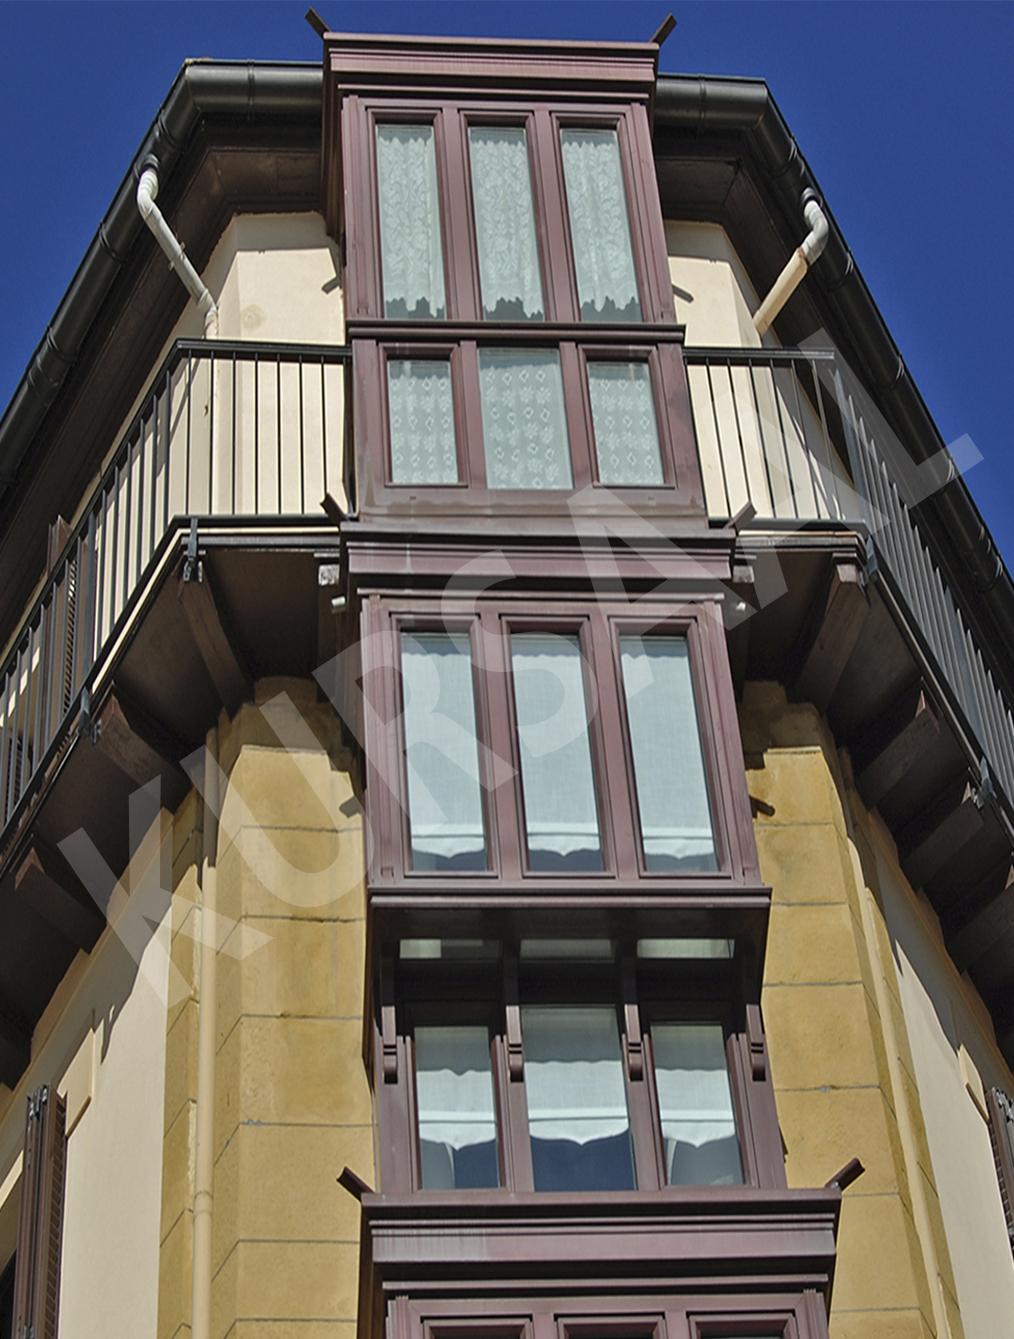 trabajo realizado en: Restauración y patrimonio-RESTAURACIÓN-DONOSTIA, GIPUZKOA-San Juan, 7